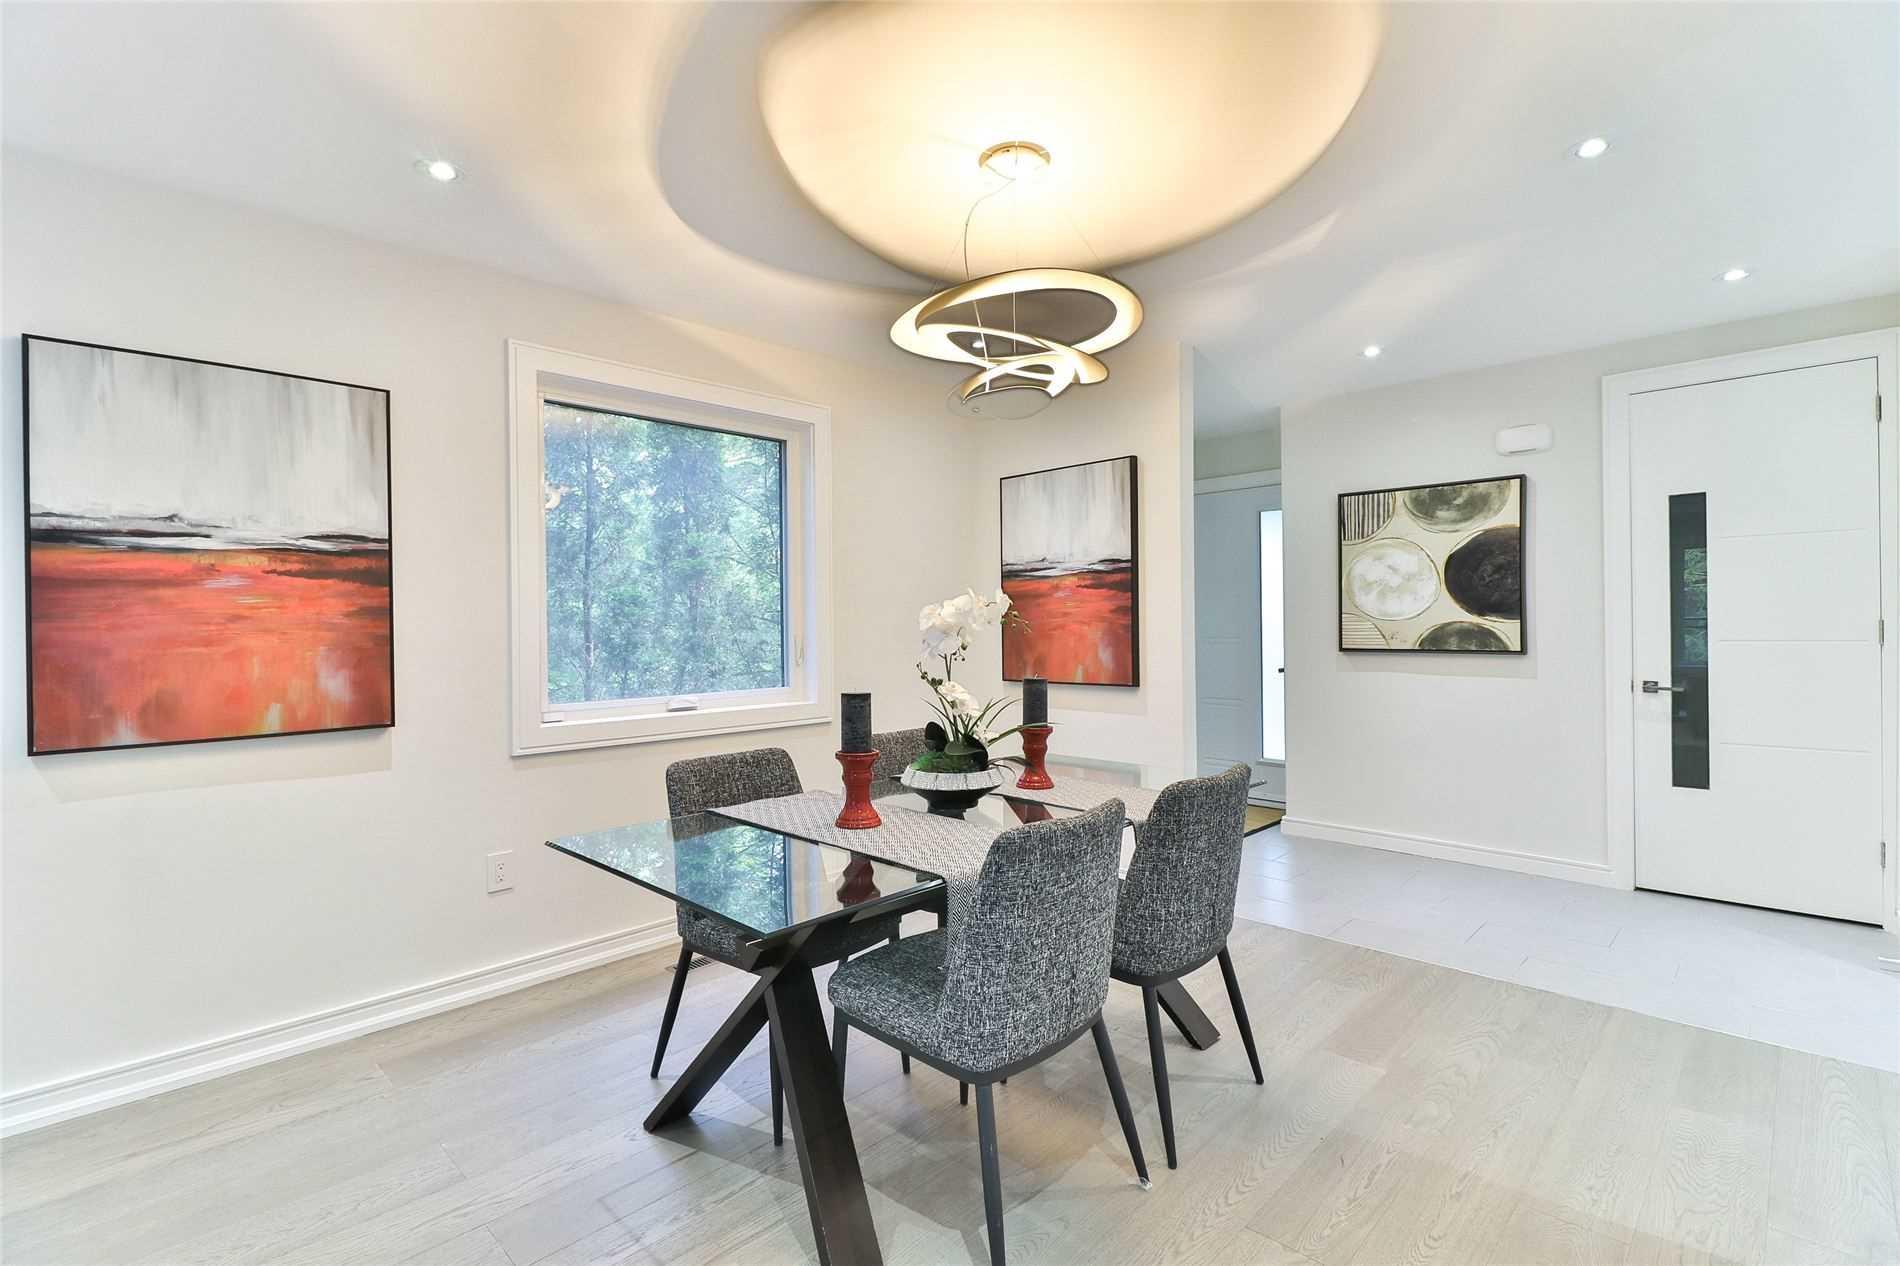 Detached house For Sale In Aurora - 122 Deerglen Terr, Aurora, Ontario, Canada L4G6Y3 , 3 Bedrooms Bedrooms, ,4 BathroomsBathrooms,Detached,For Sale,Deerglen